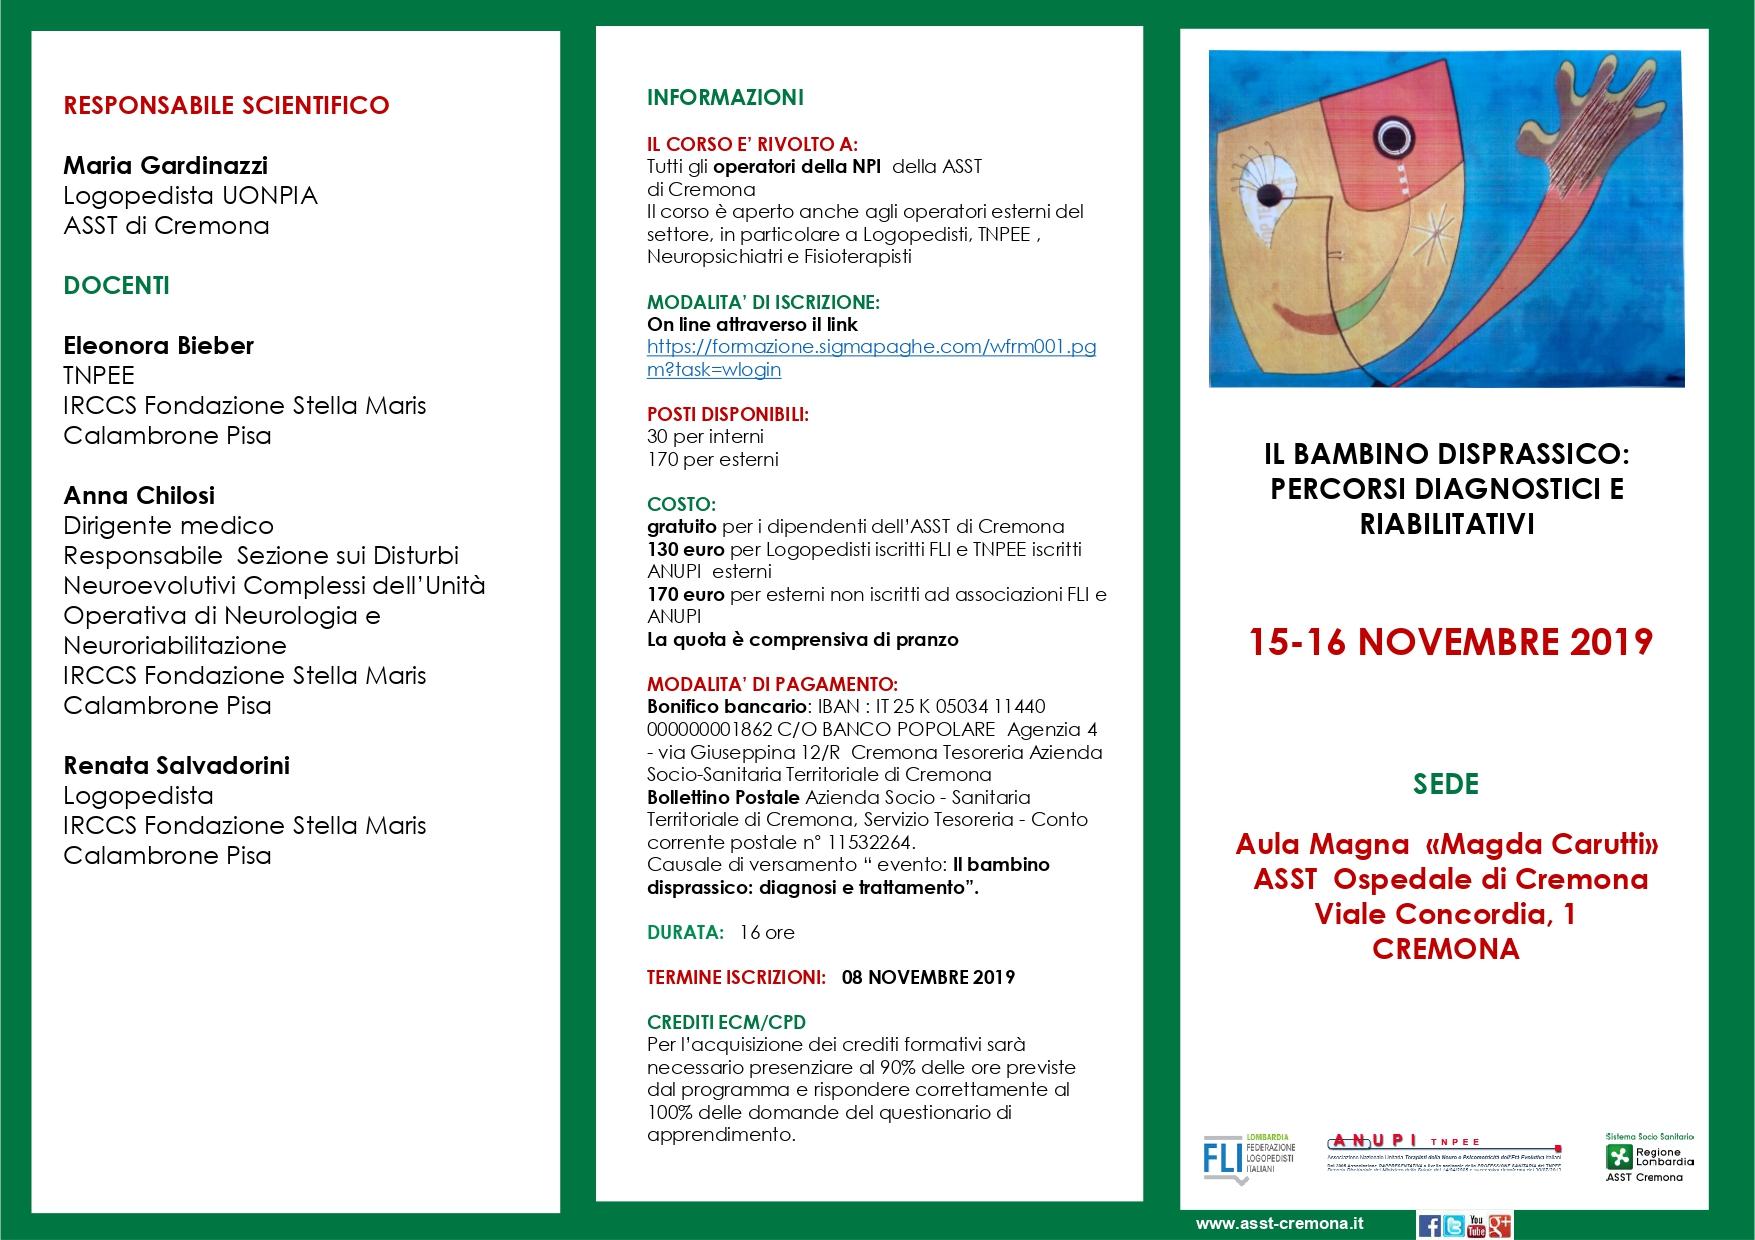 pieghevole_bambino_disprassico corretto (2)_page-0001